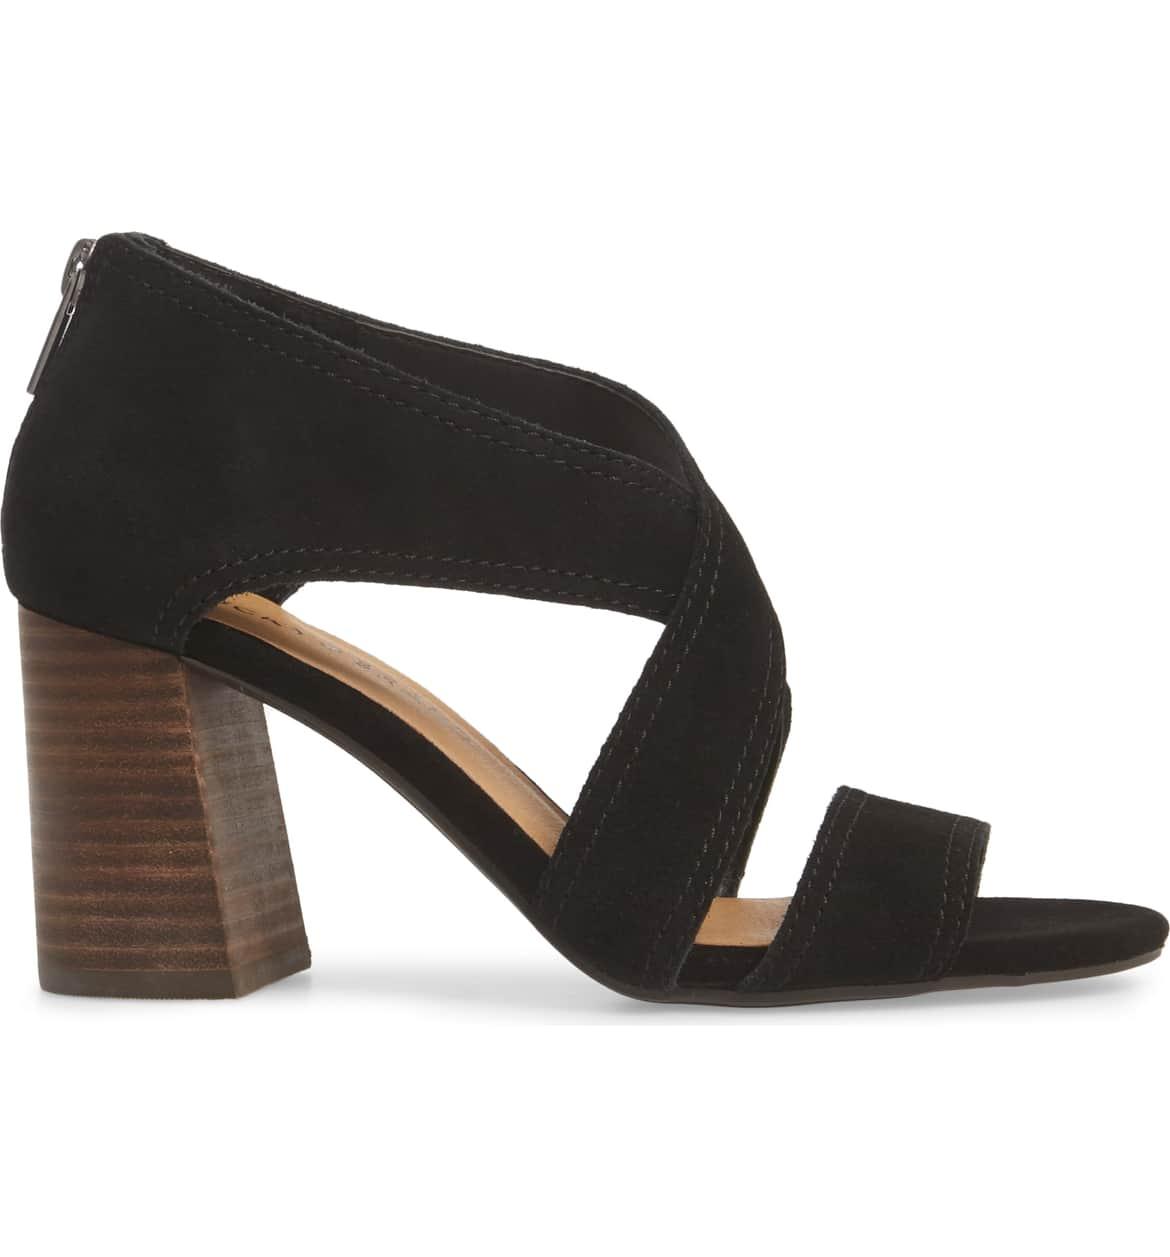 bcce8886c71 Lucky-Brand-Women-039-s-VIDVA-Heeled-Sandal